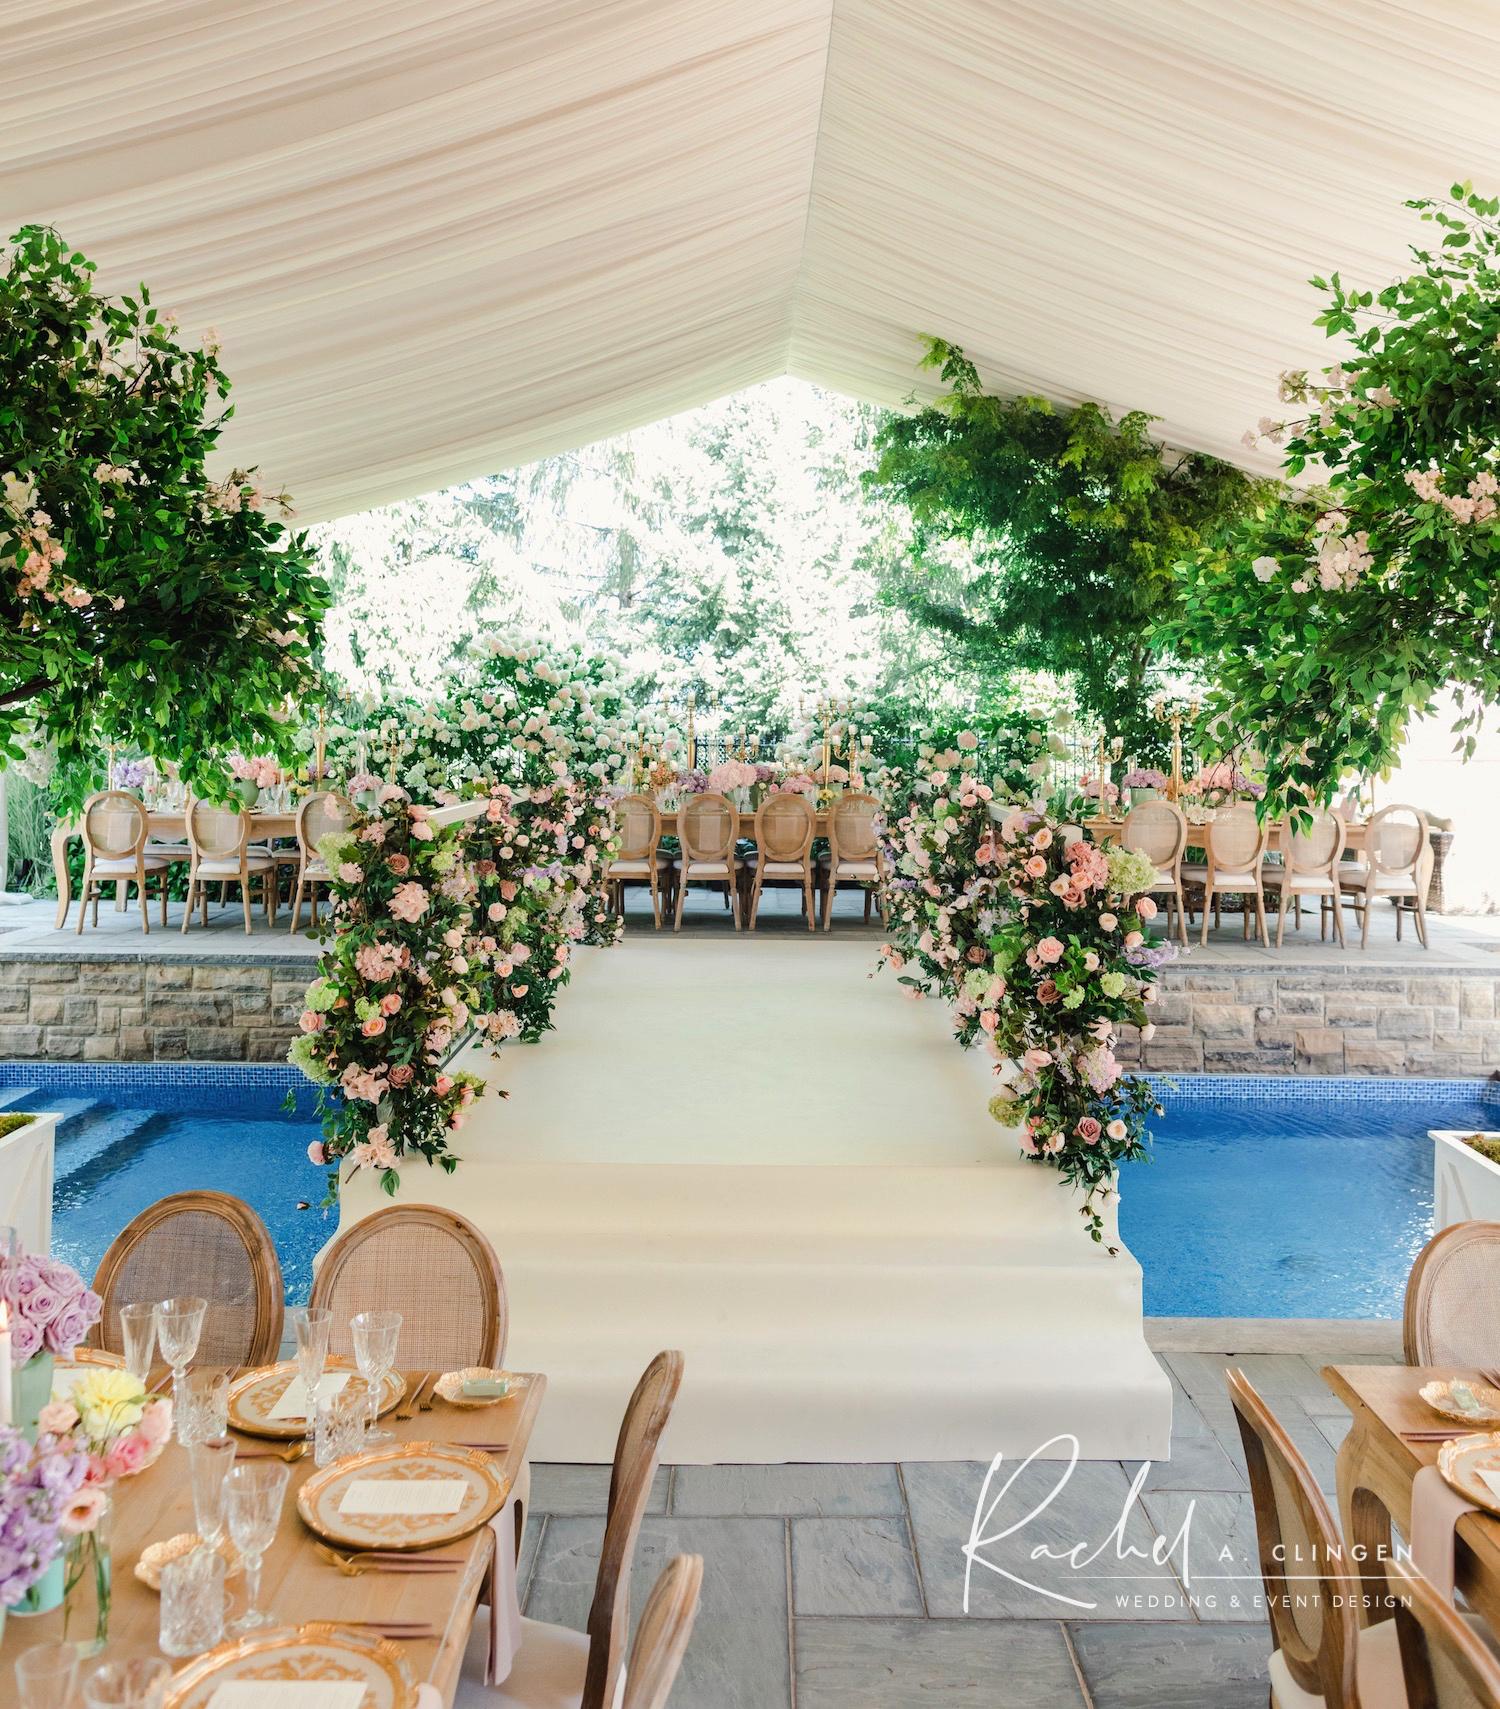 bridal shower flower bridge over pool